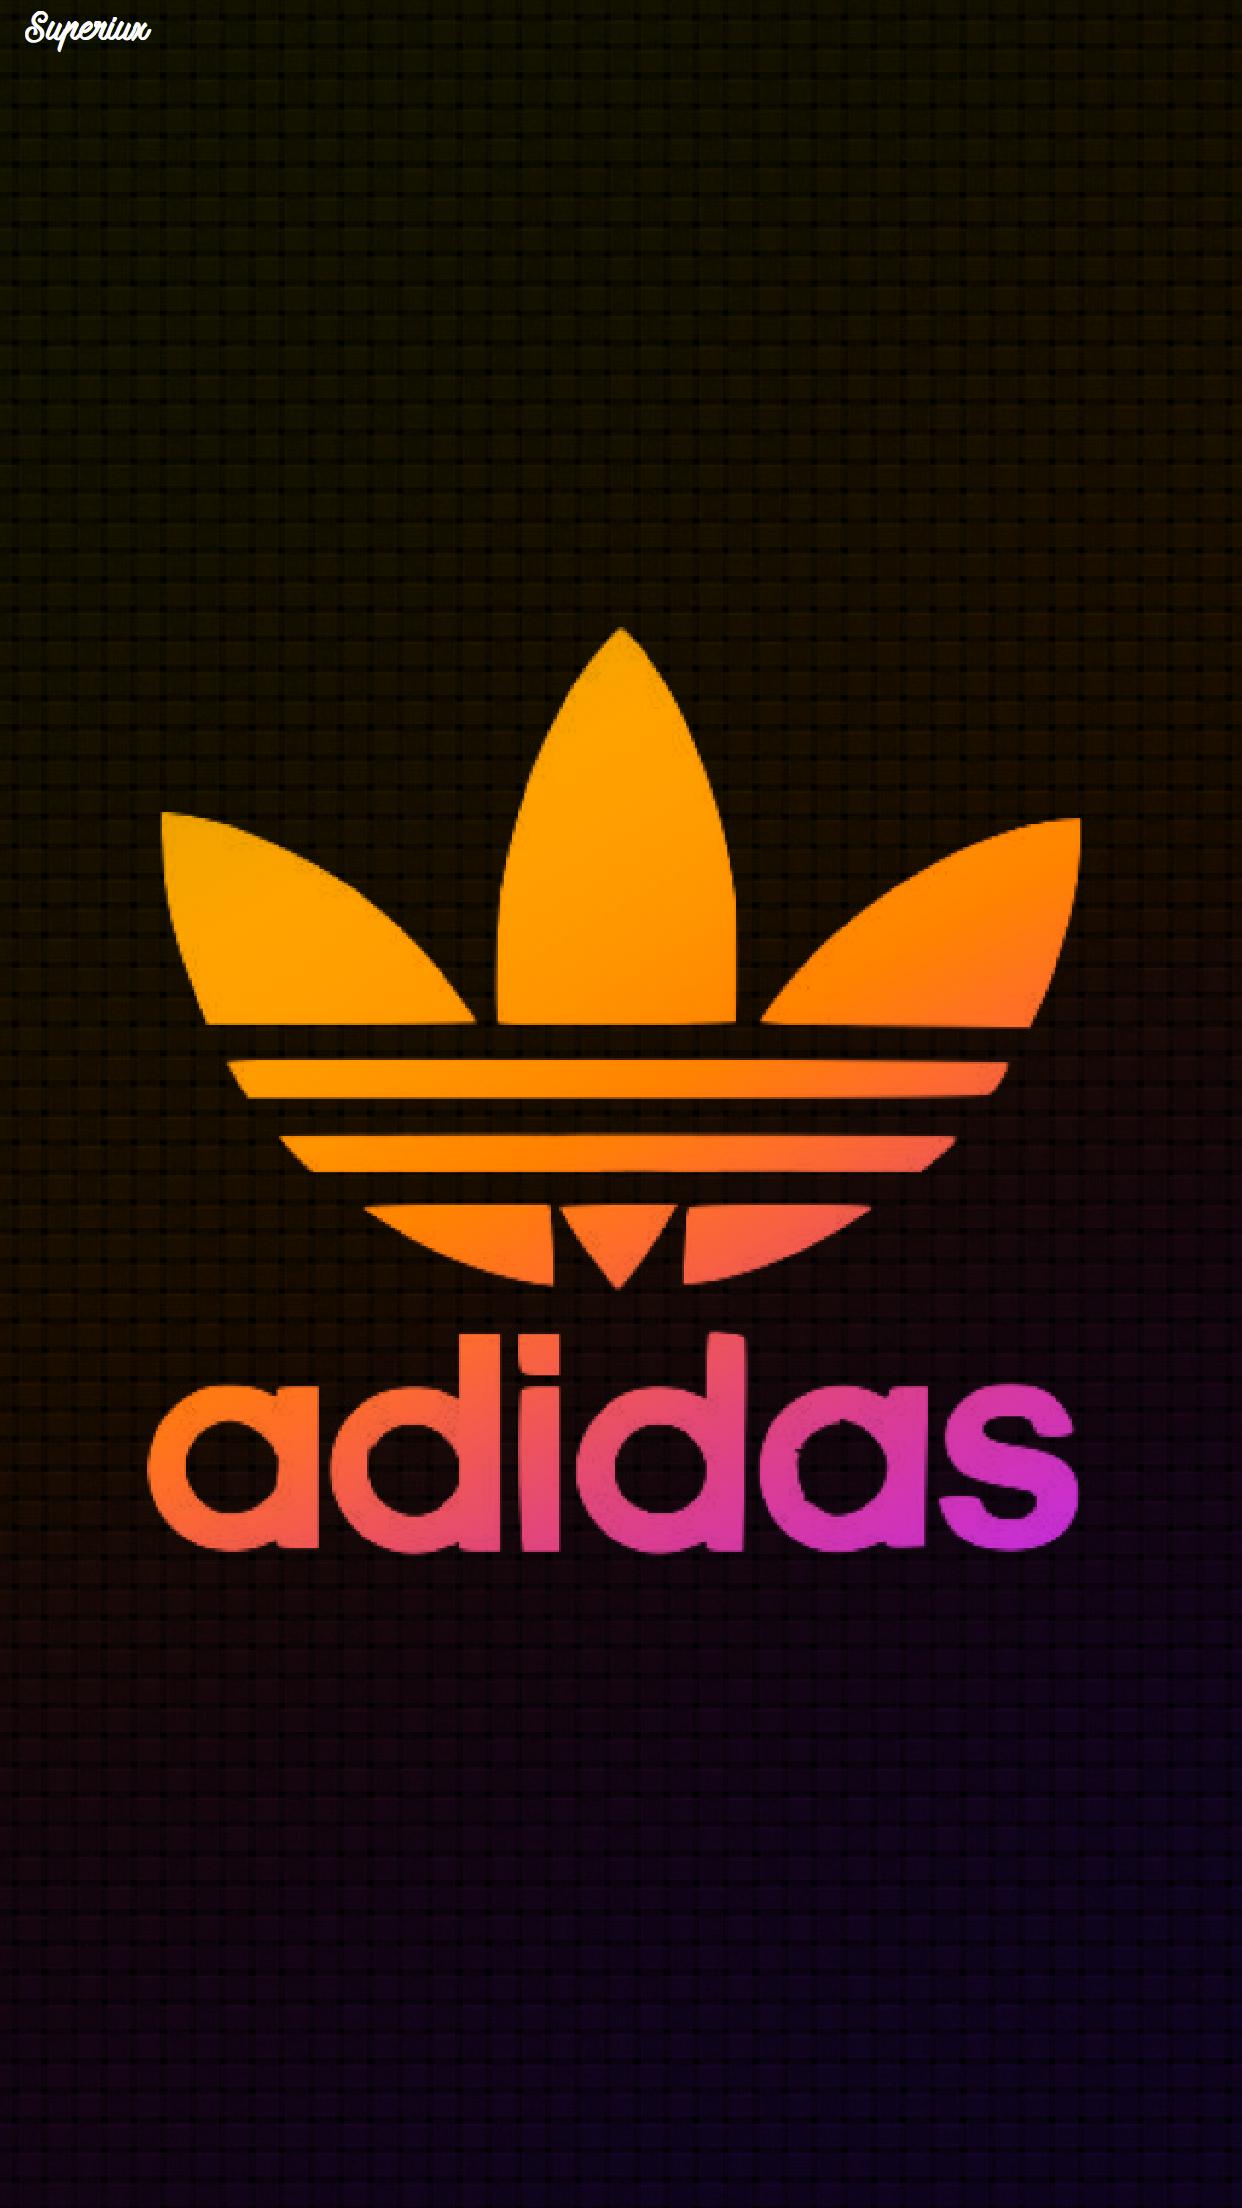 Adidas Wallpaper Logo in 2019.